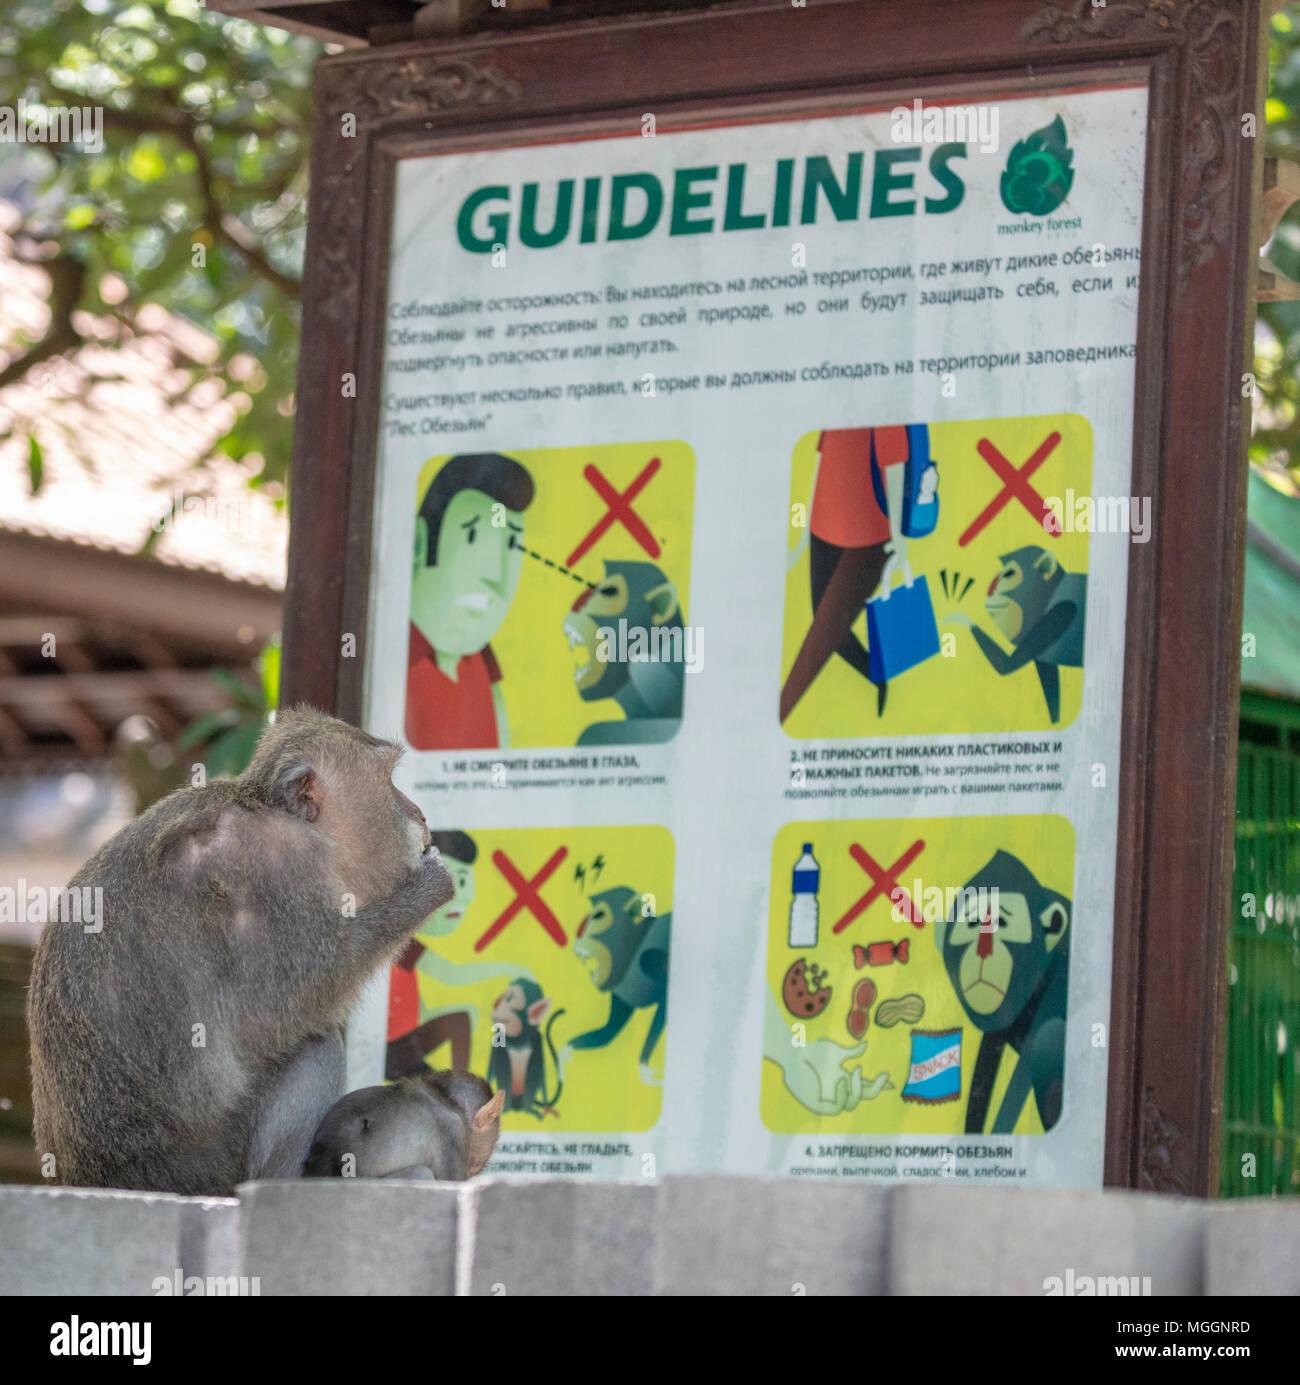 Monkey apareciendo para leer las pautas para los turistas acerca de las interacciones con los animales, Ubud, Bali, Indonesia Imagen De Stock